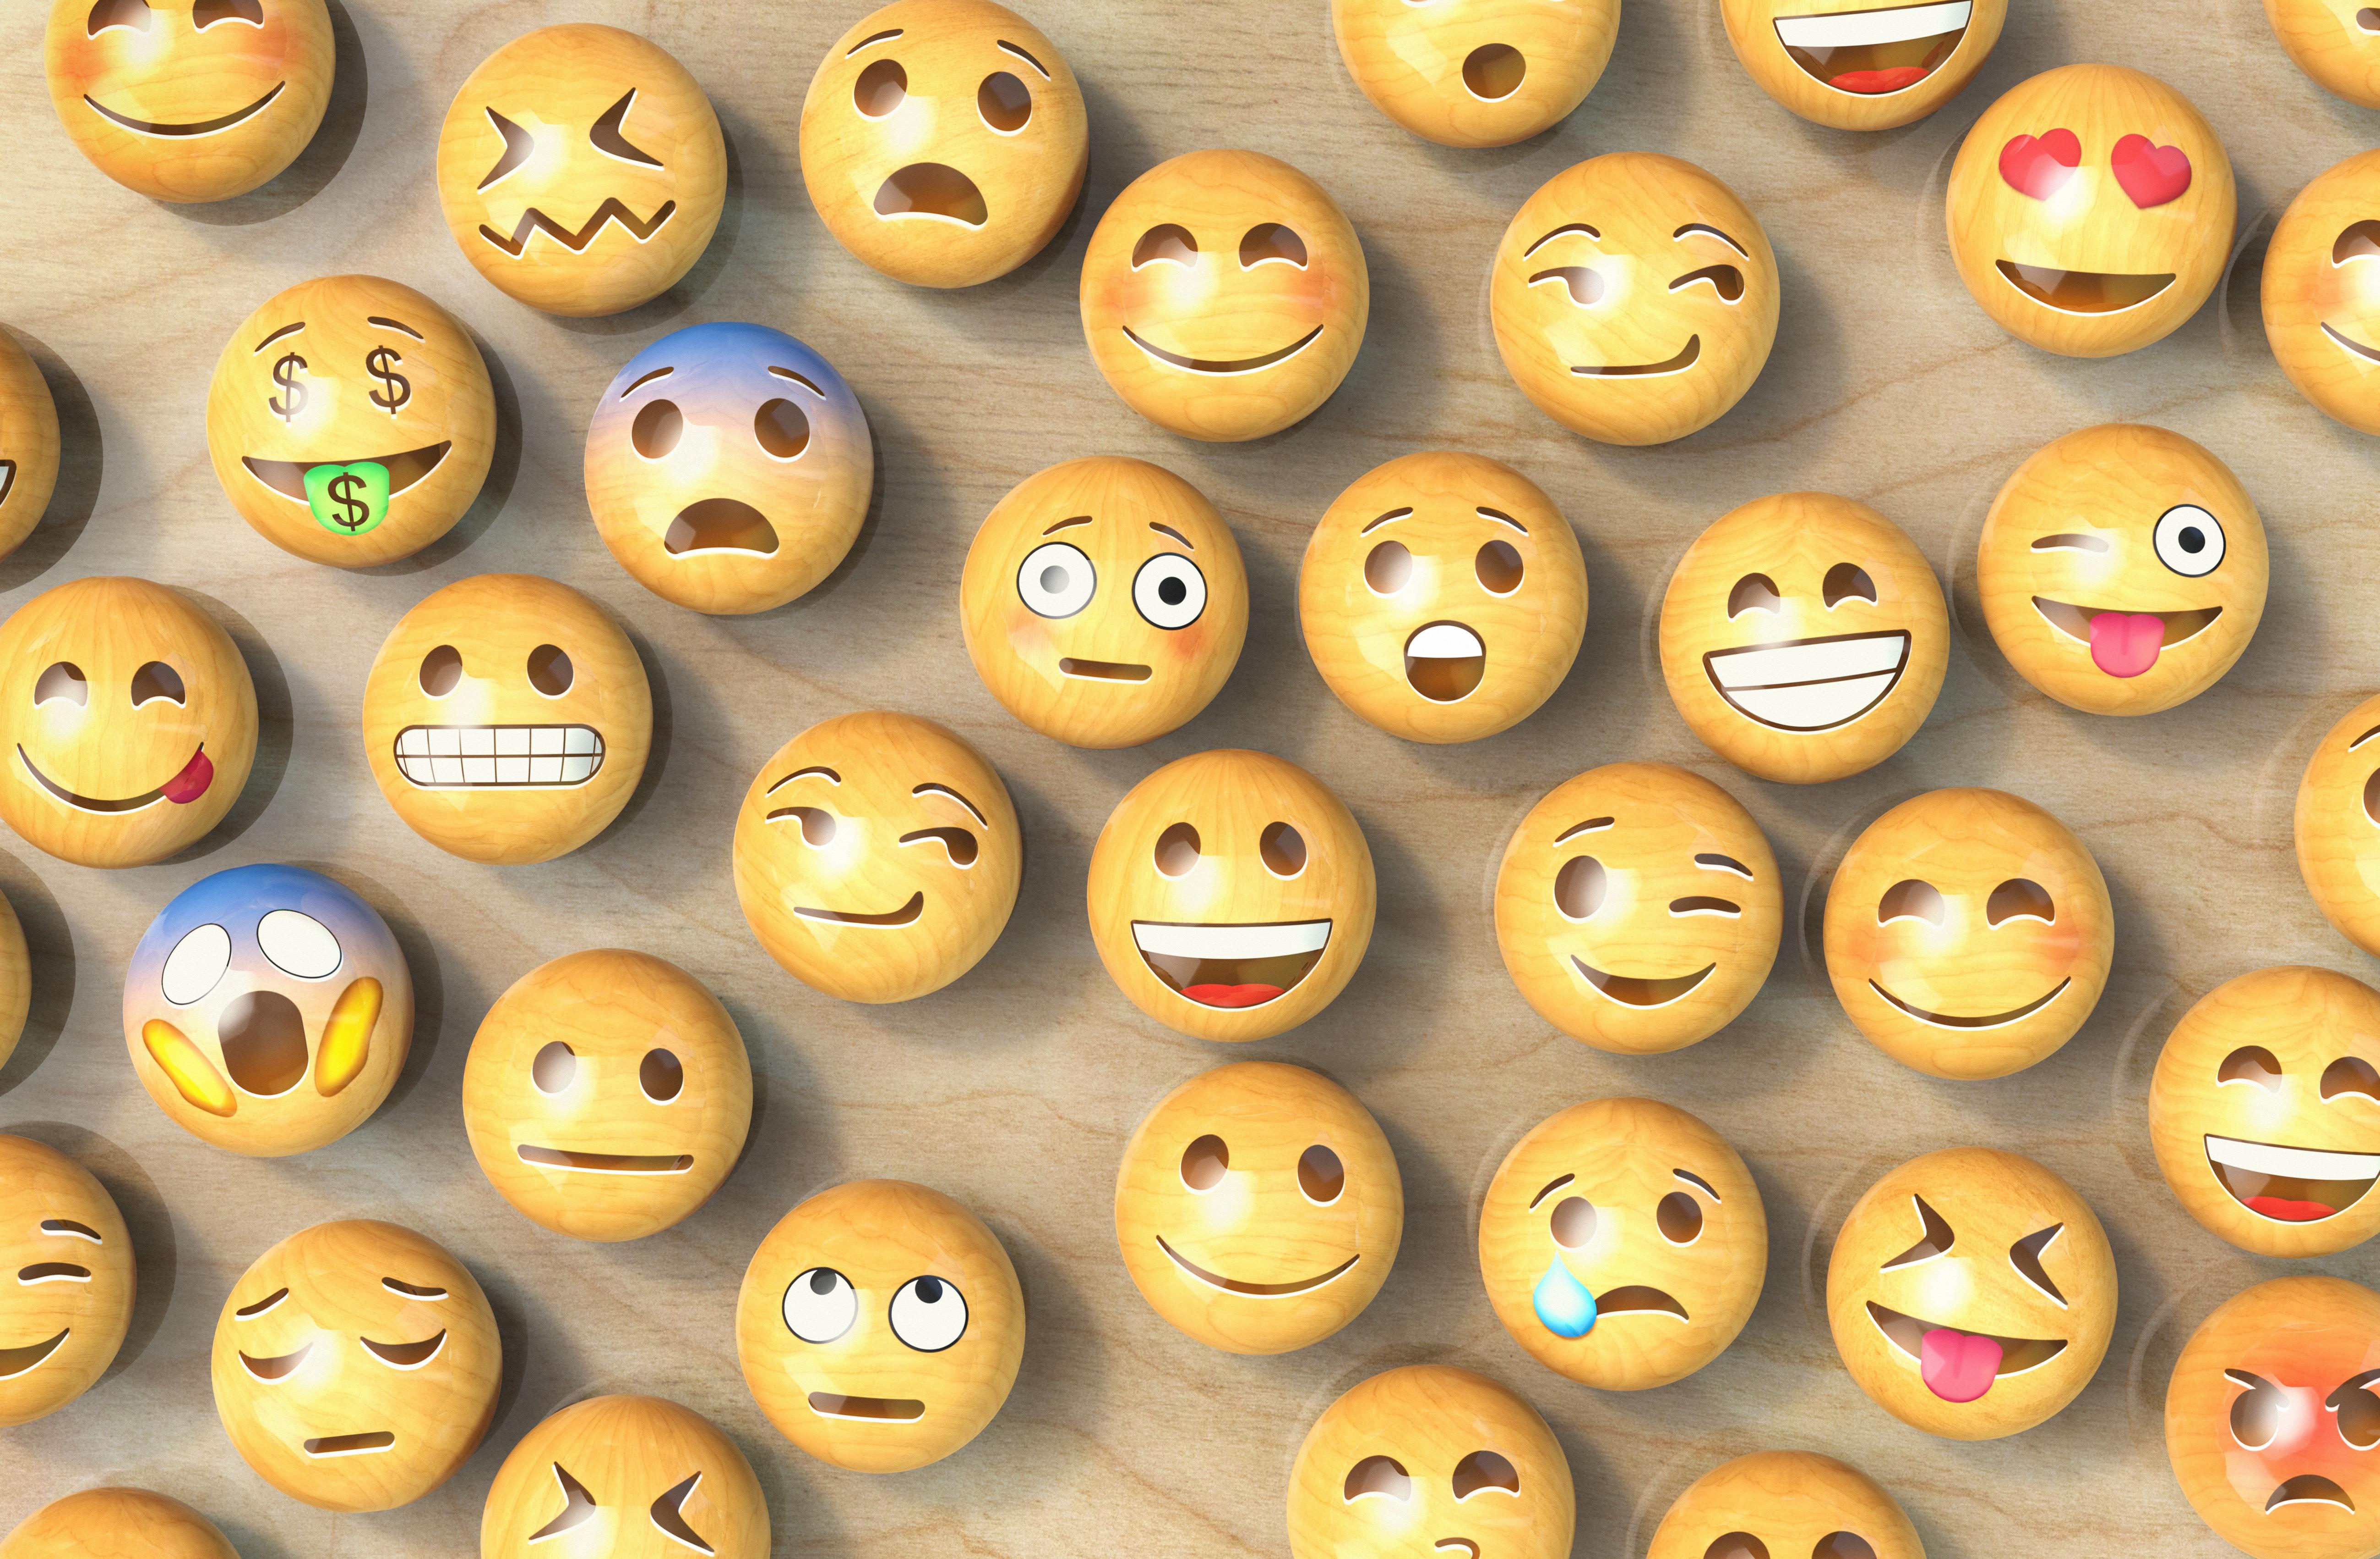 Στον Βόλο η πρώτη καταδίκη για... χαμογελαστό emoticon στο